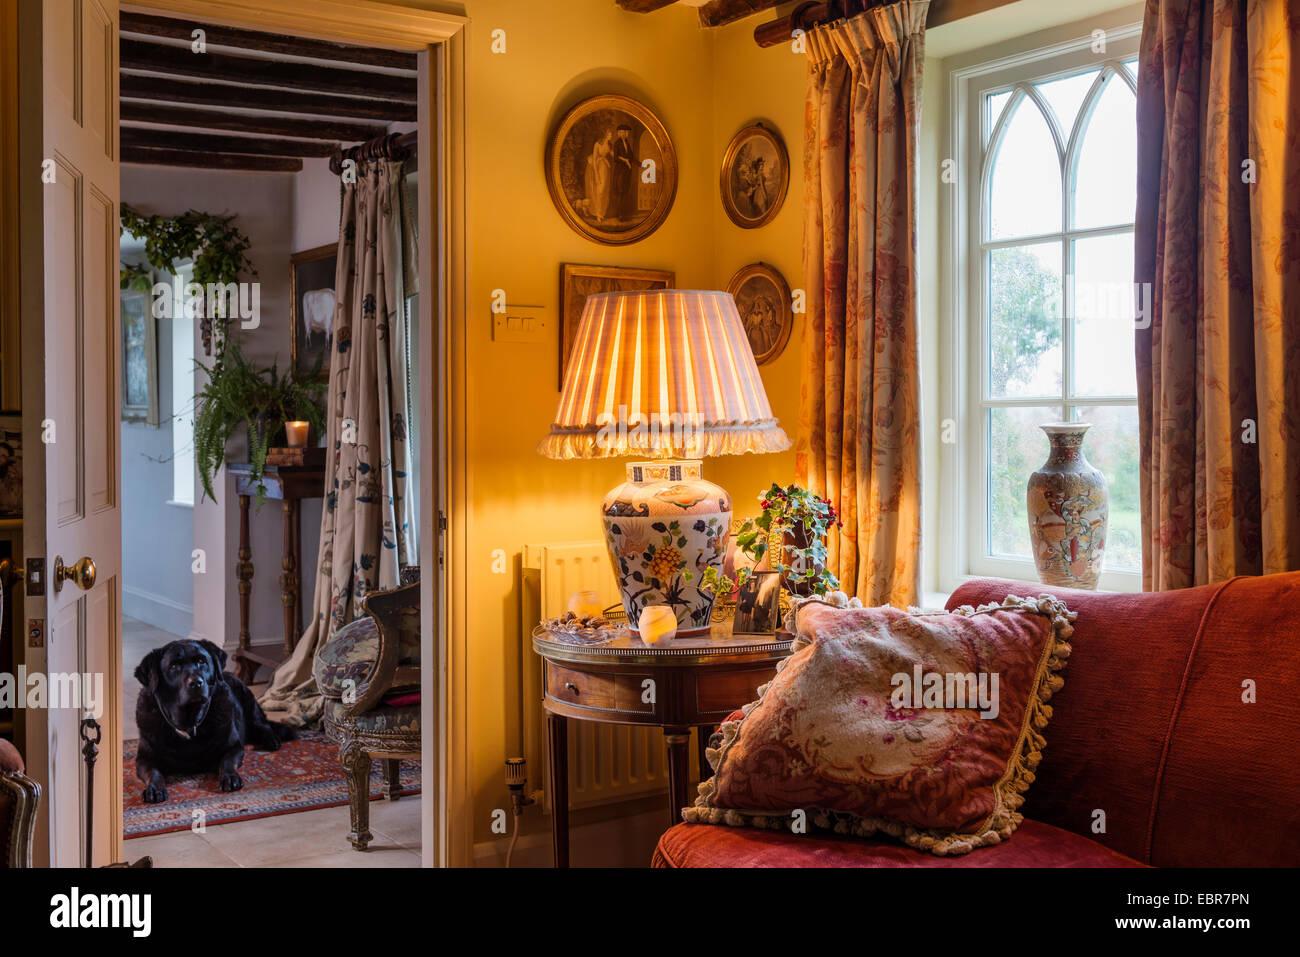 Gobelin Kissen auf roten Sofa im Wohnzimmer mit floral Gardinen und ...